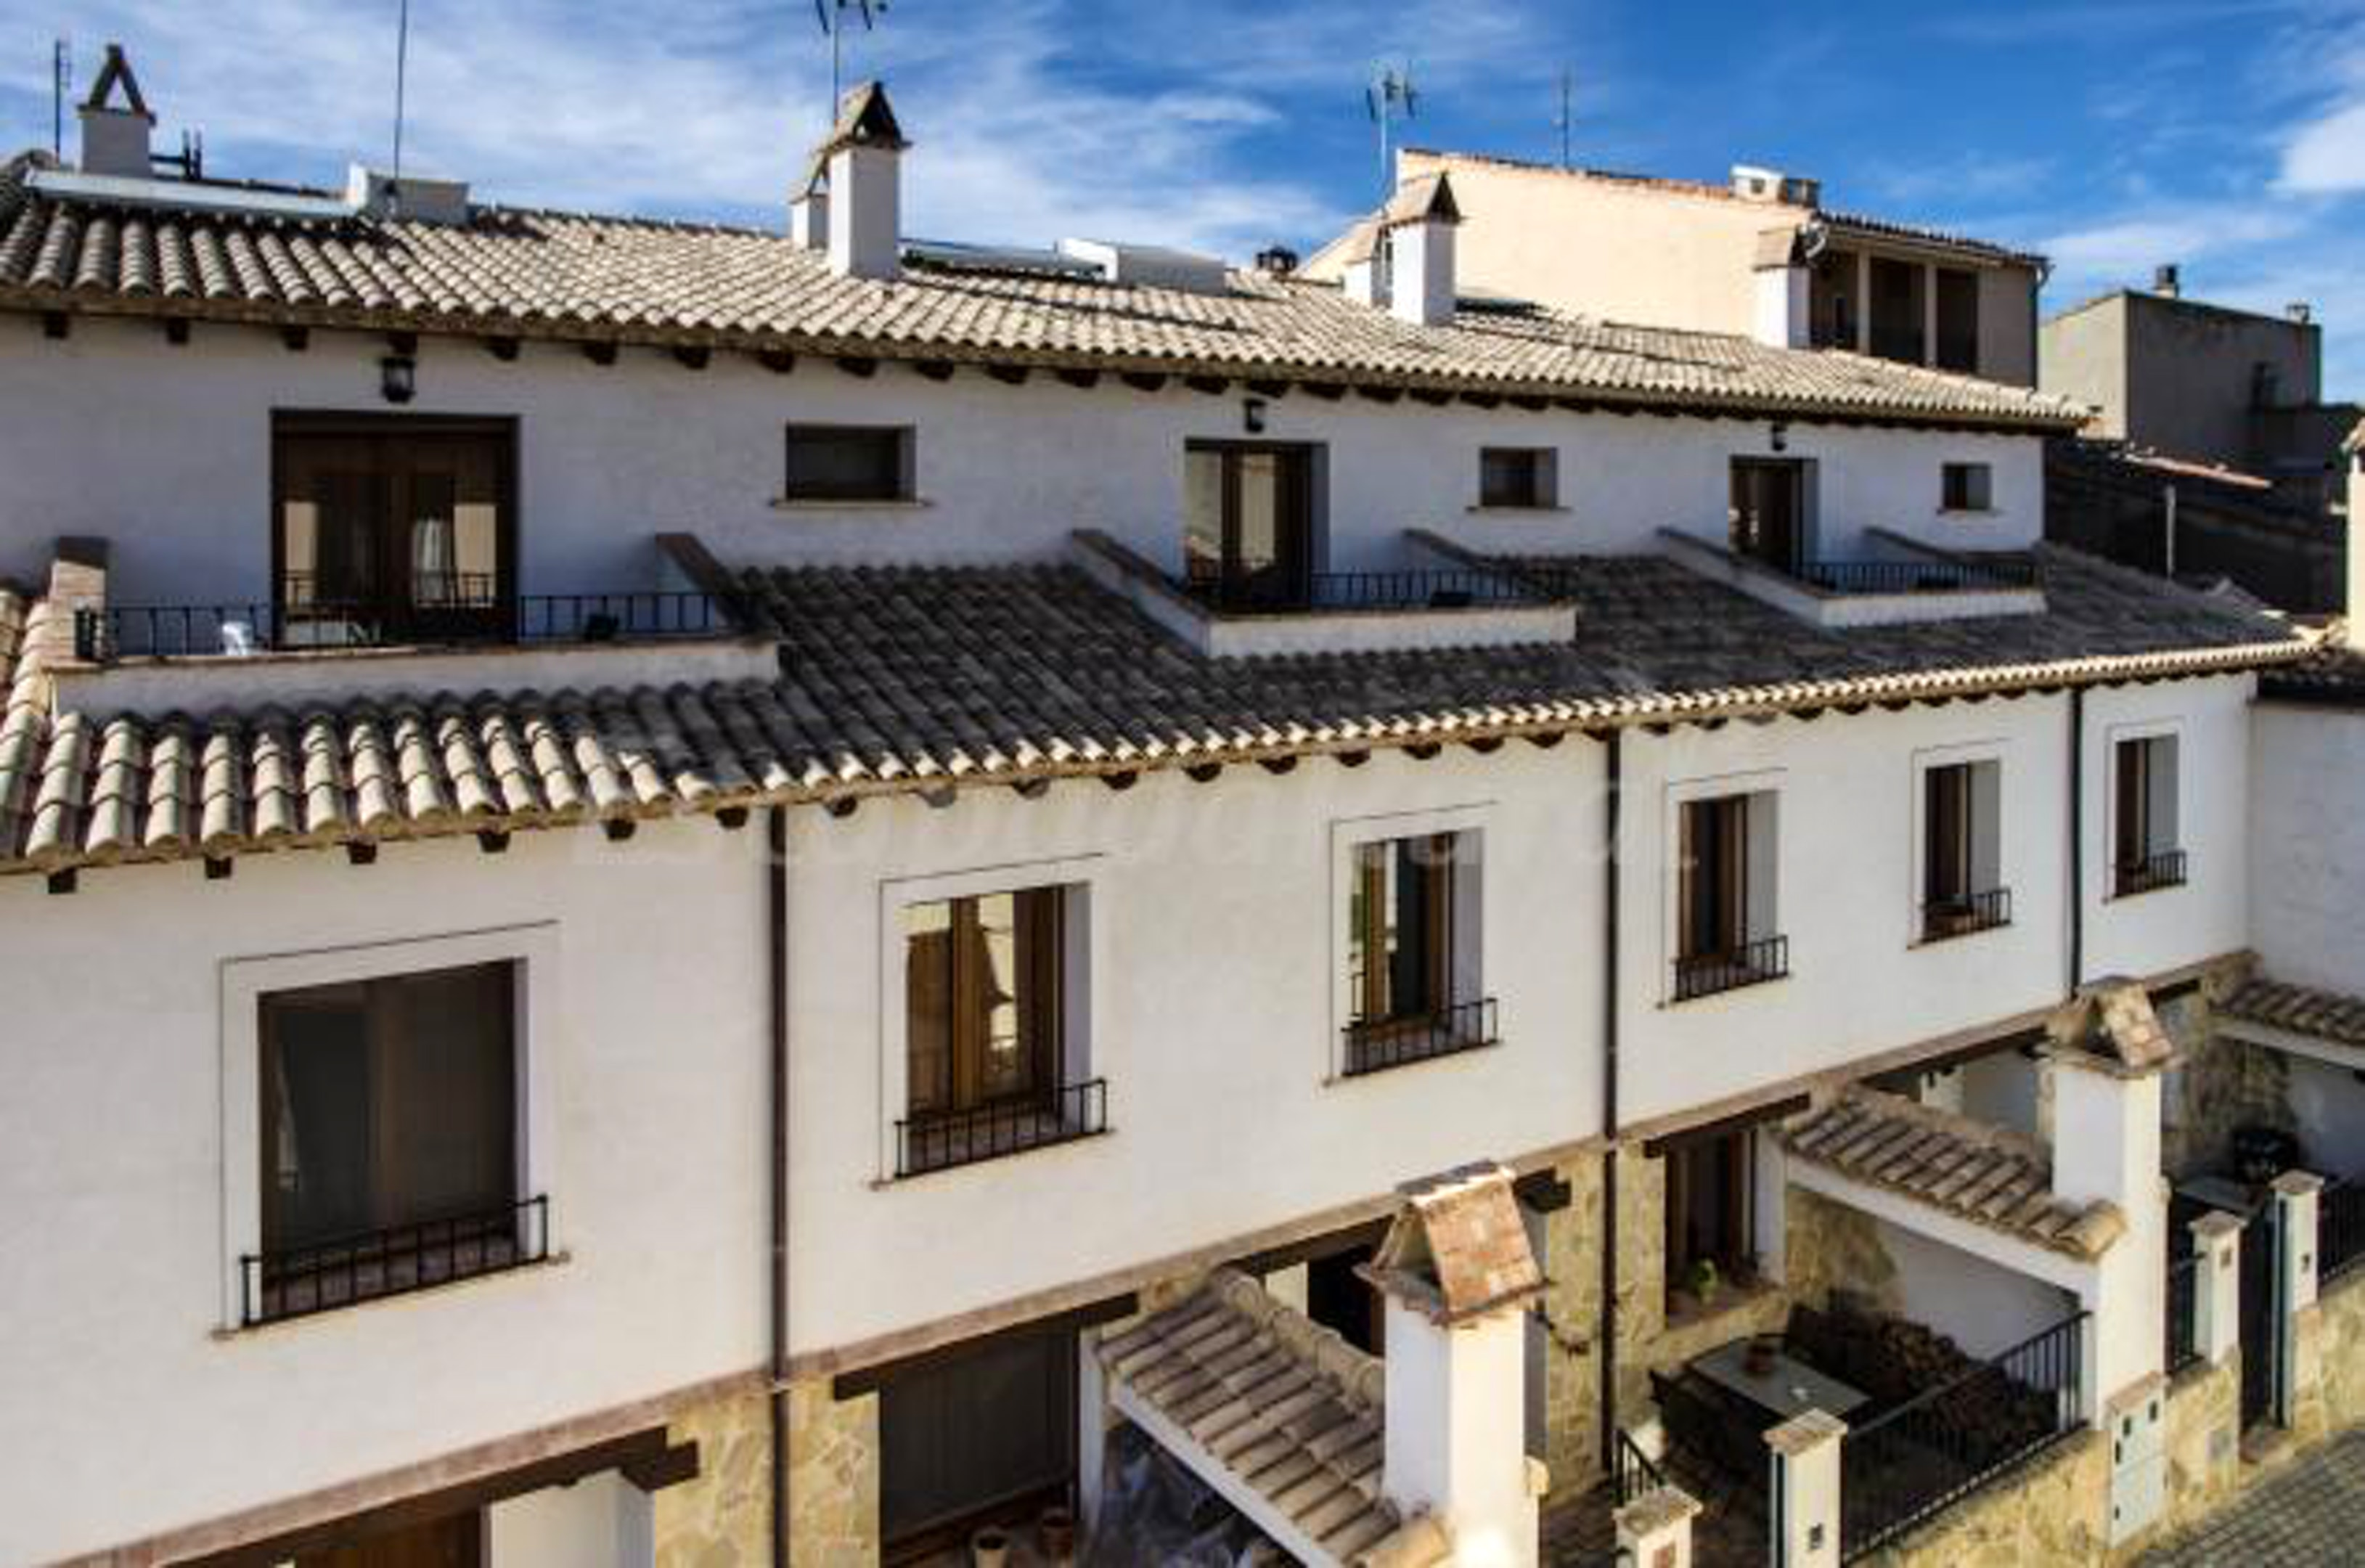 Ferienhaus Haus mit 3 Schlafzimmern in Talayuelas mit toller Aussicht auf die Berge, möblierter Terra (2202603), Talayuelas, Cuenca, Kastilien-La Mancha, Spanien, Bild 25